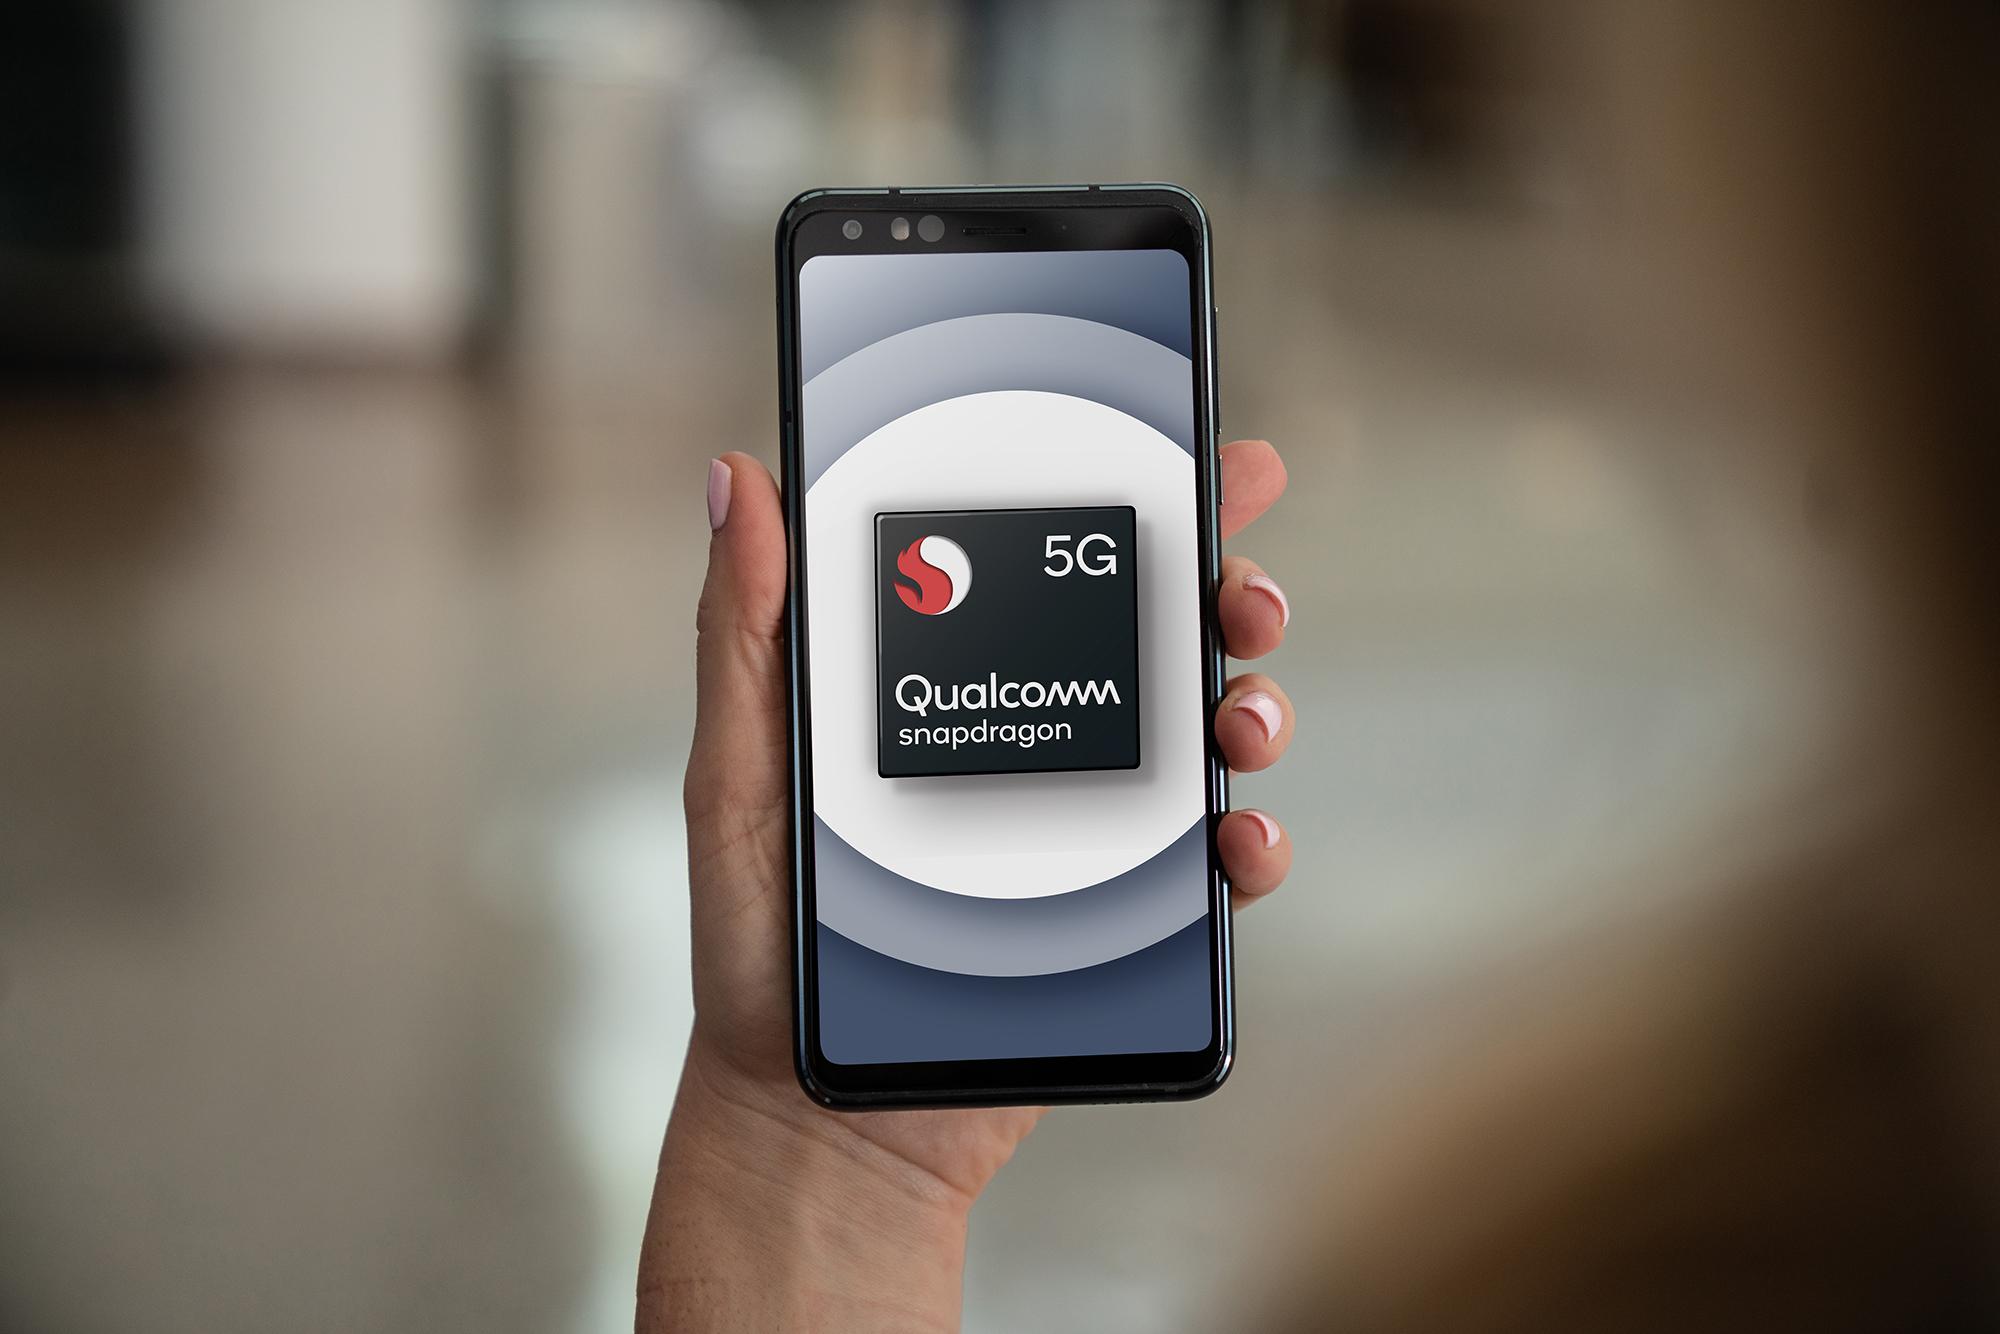 qualcomm-snapdragon-765-5g-mobile-platform-reference-design-in-hand.jpg